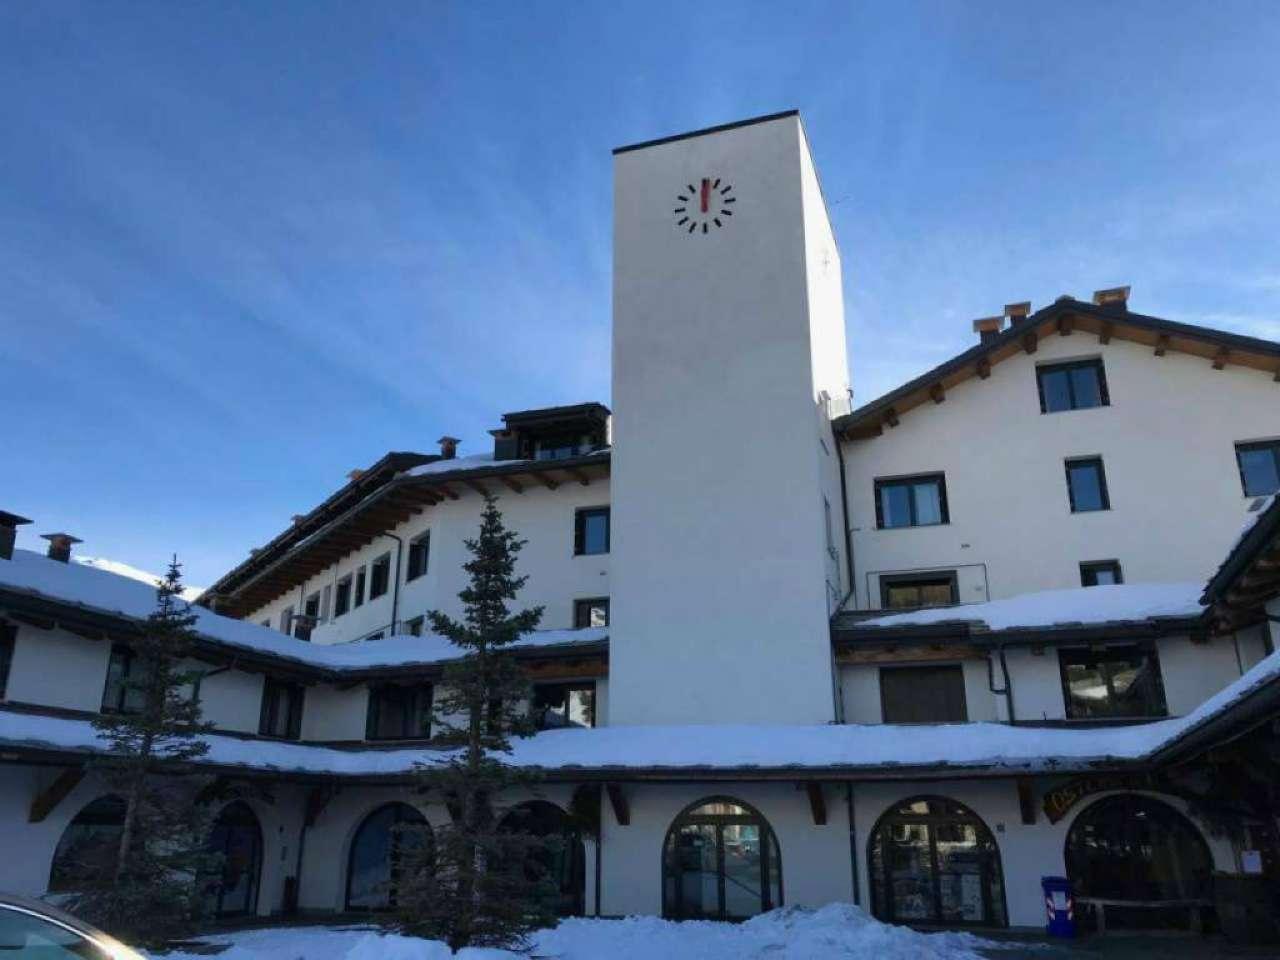 Appartamento in vendita a Sestriere, 2 locali, prezzo € 189.000 | PortaleAgenzieImmobiliari.it